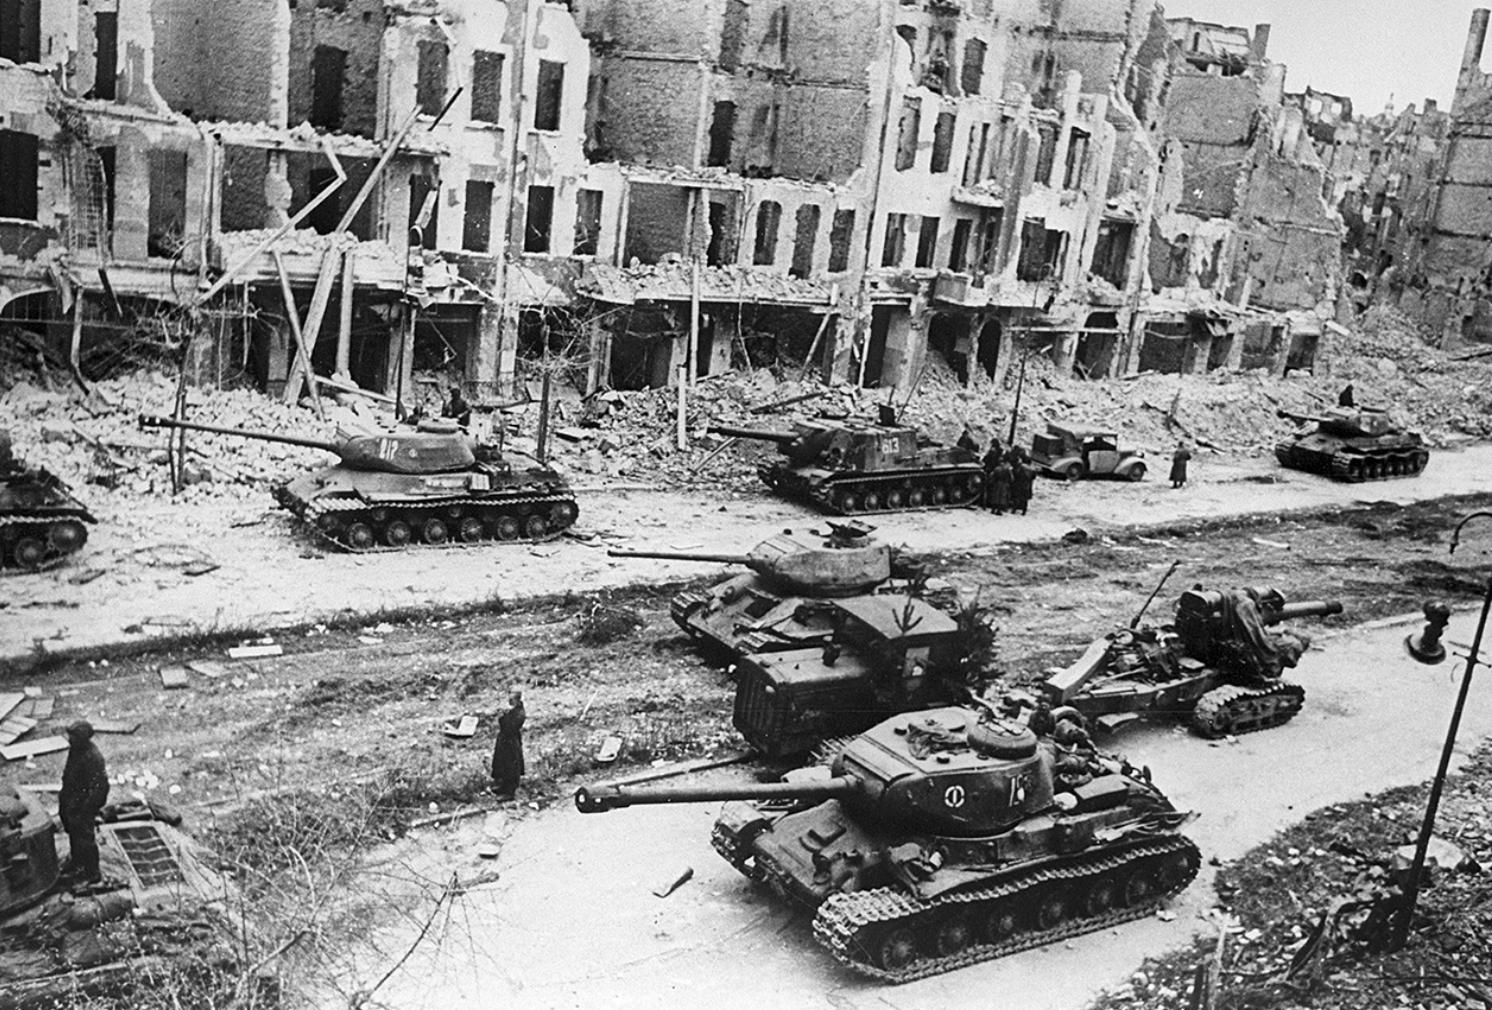 Chiến dịch Berlin – Đòn kết liễu của Hồng quân Liên Xô đối với phát xít Đức